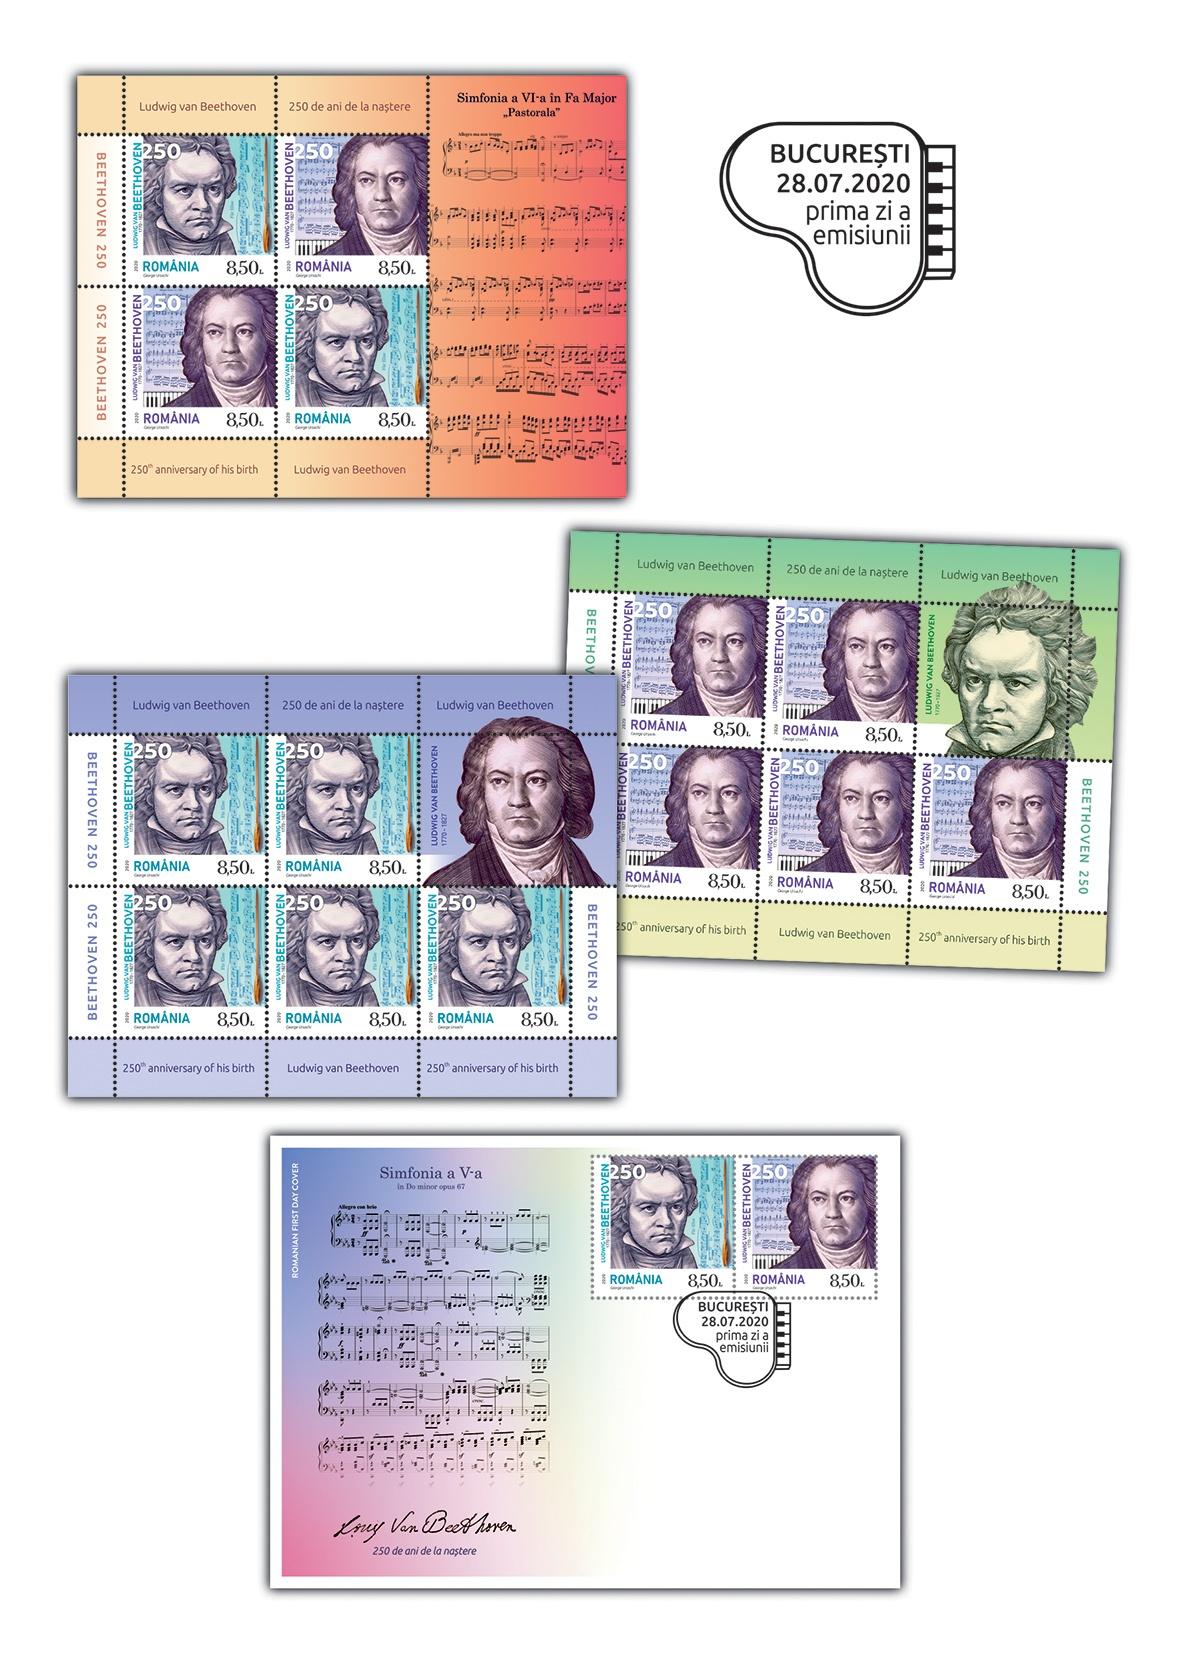 罗马尼亚7月28日发行路德维希・凡・贝多芬诞辰250周年邮票